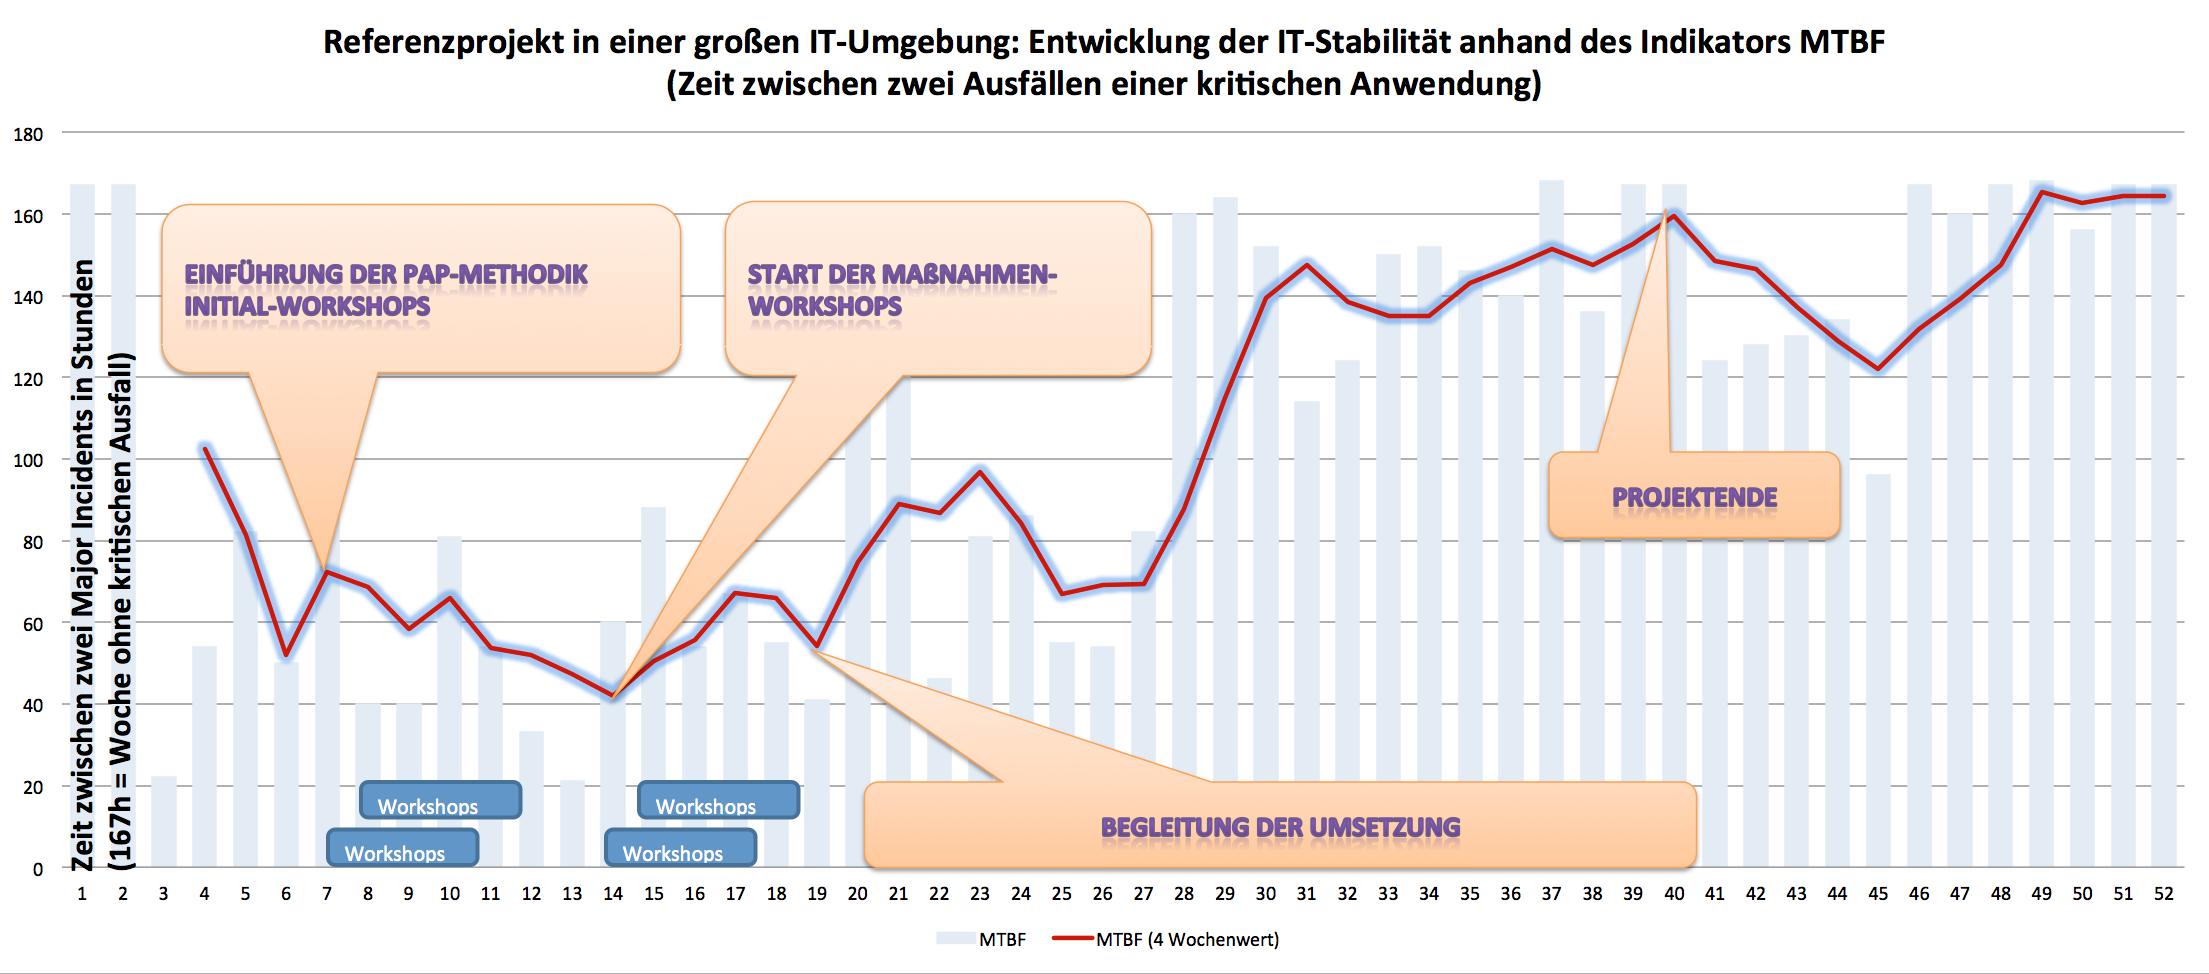 Referenzprojekt zur Verbesserung der IT-Stabilität